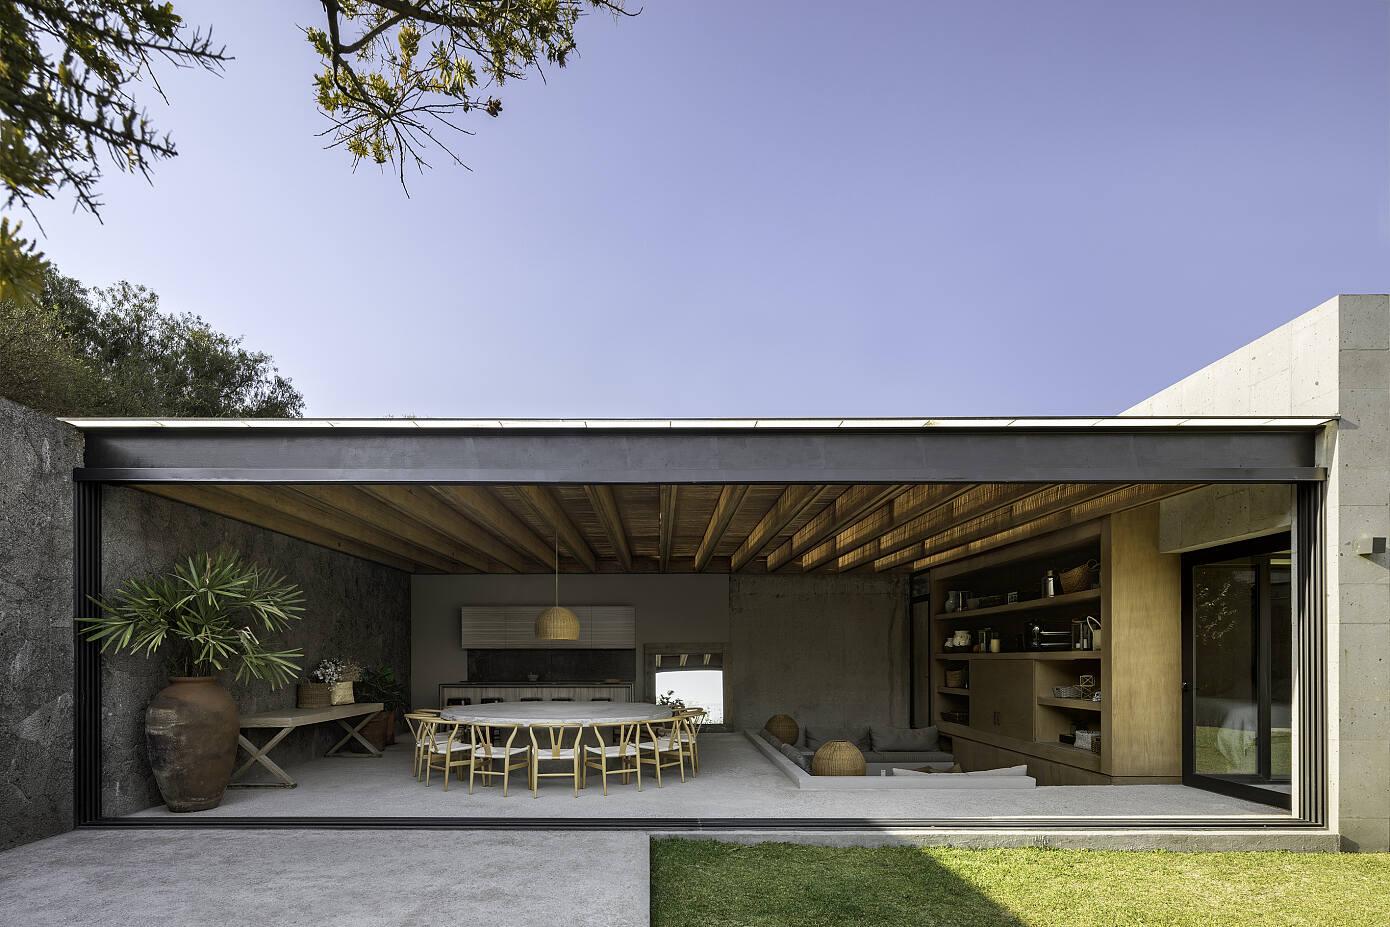 Casa Romero by Romero de la Mora